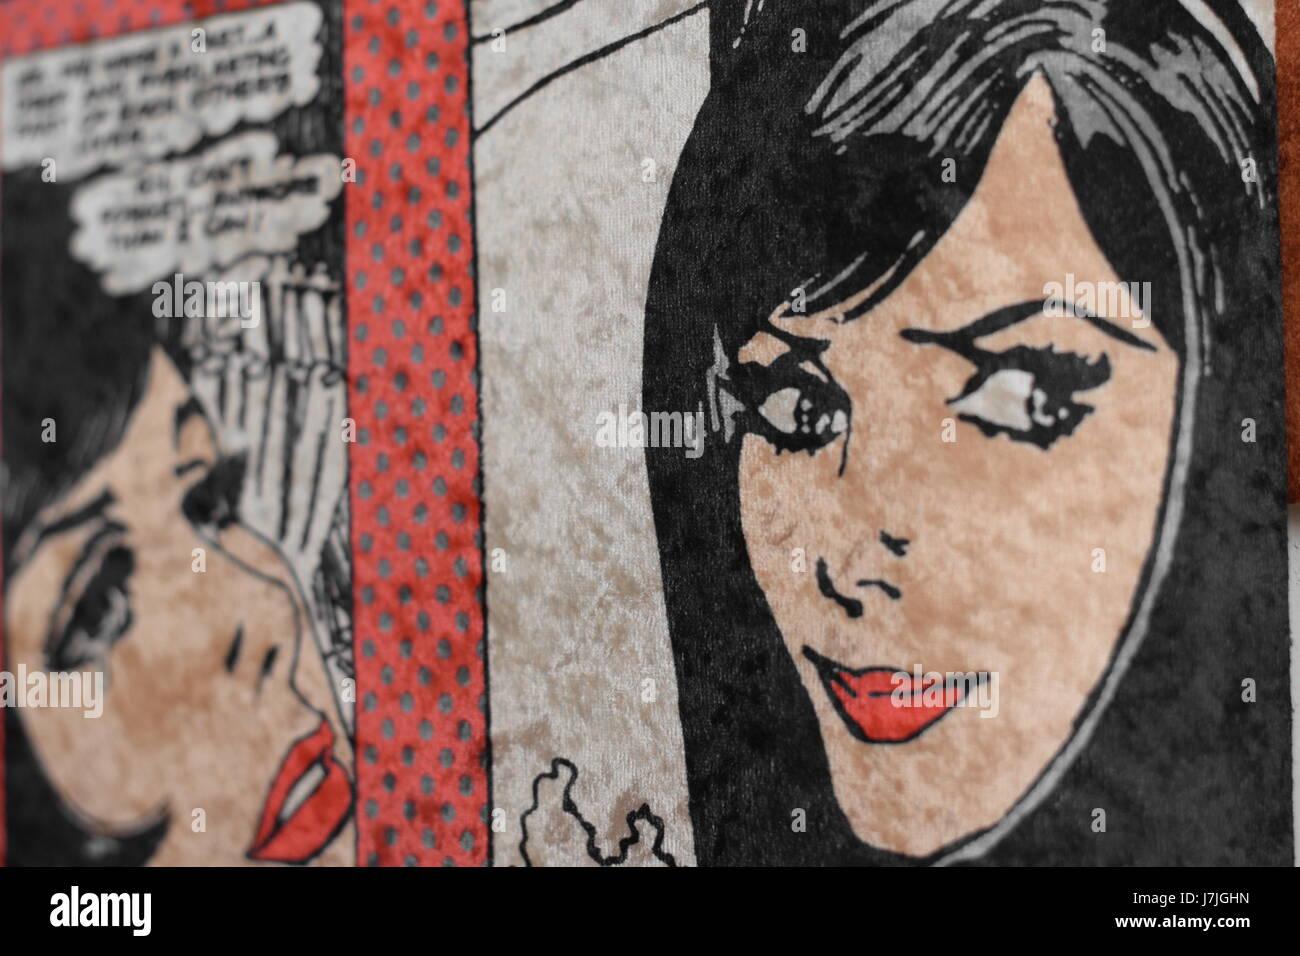 Résumé Une jeune fille peinture sur mur. Photo Stock